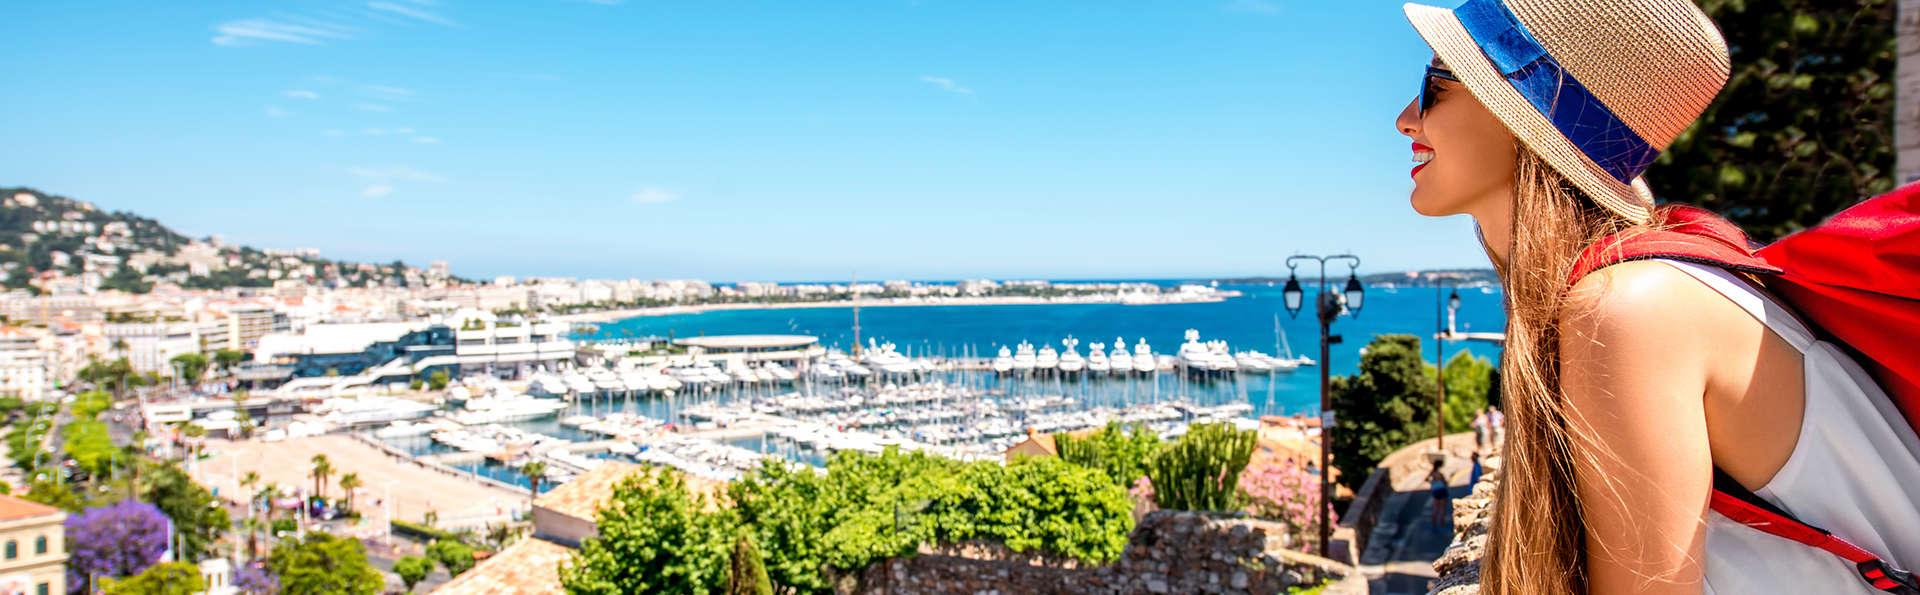 Découvrez Cannes pendant son célèbre Festival